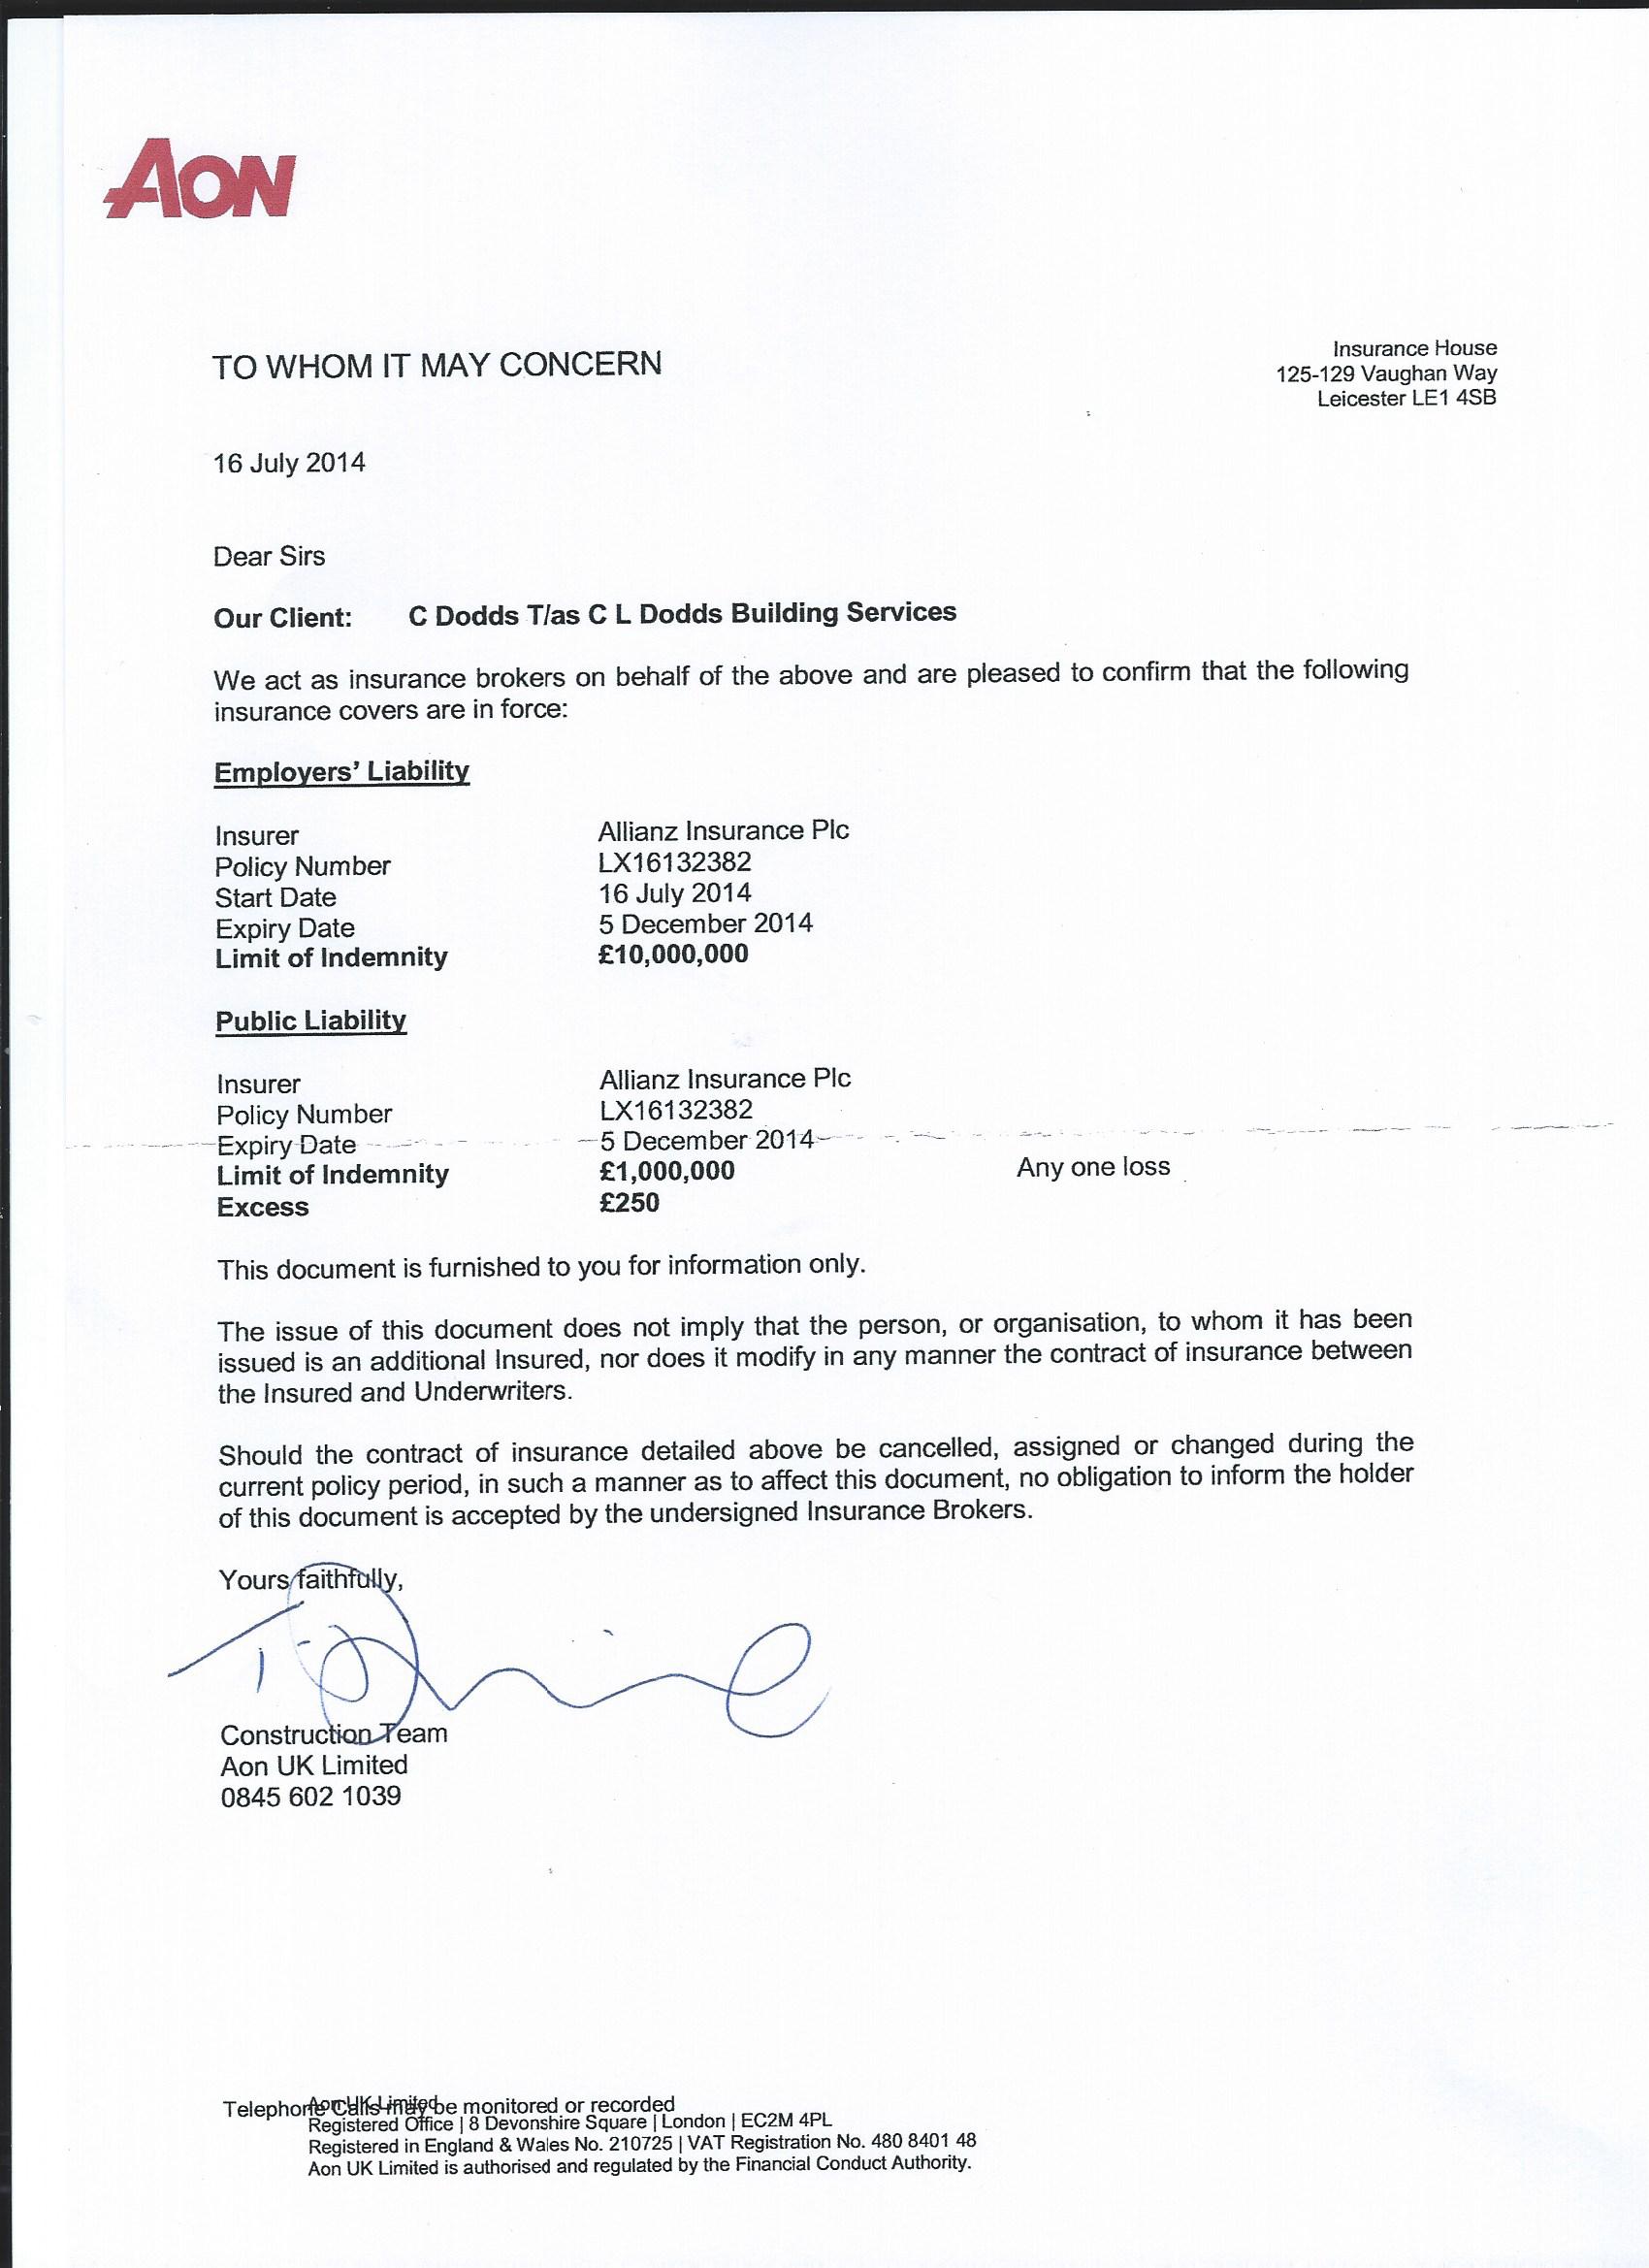 Ex Machina Explained Public Liability Insurance Building Certificates For C L